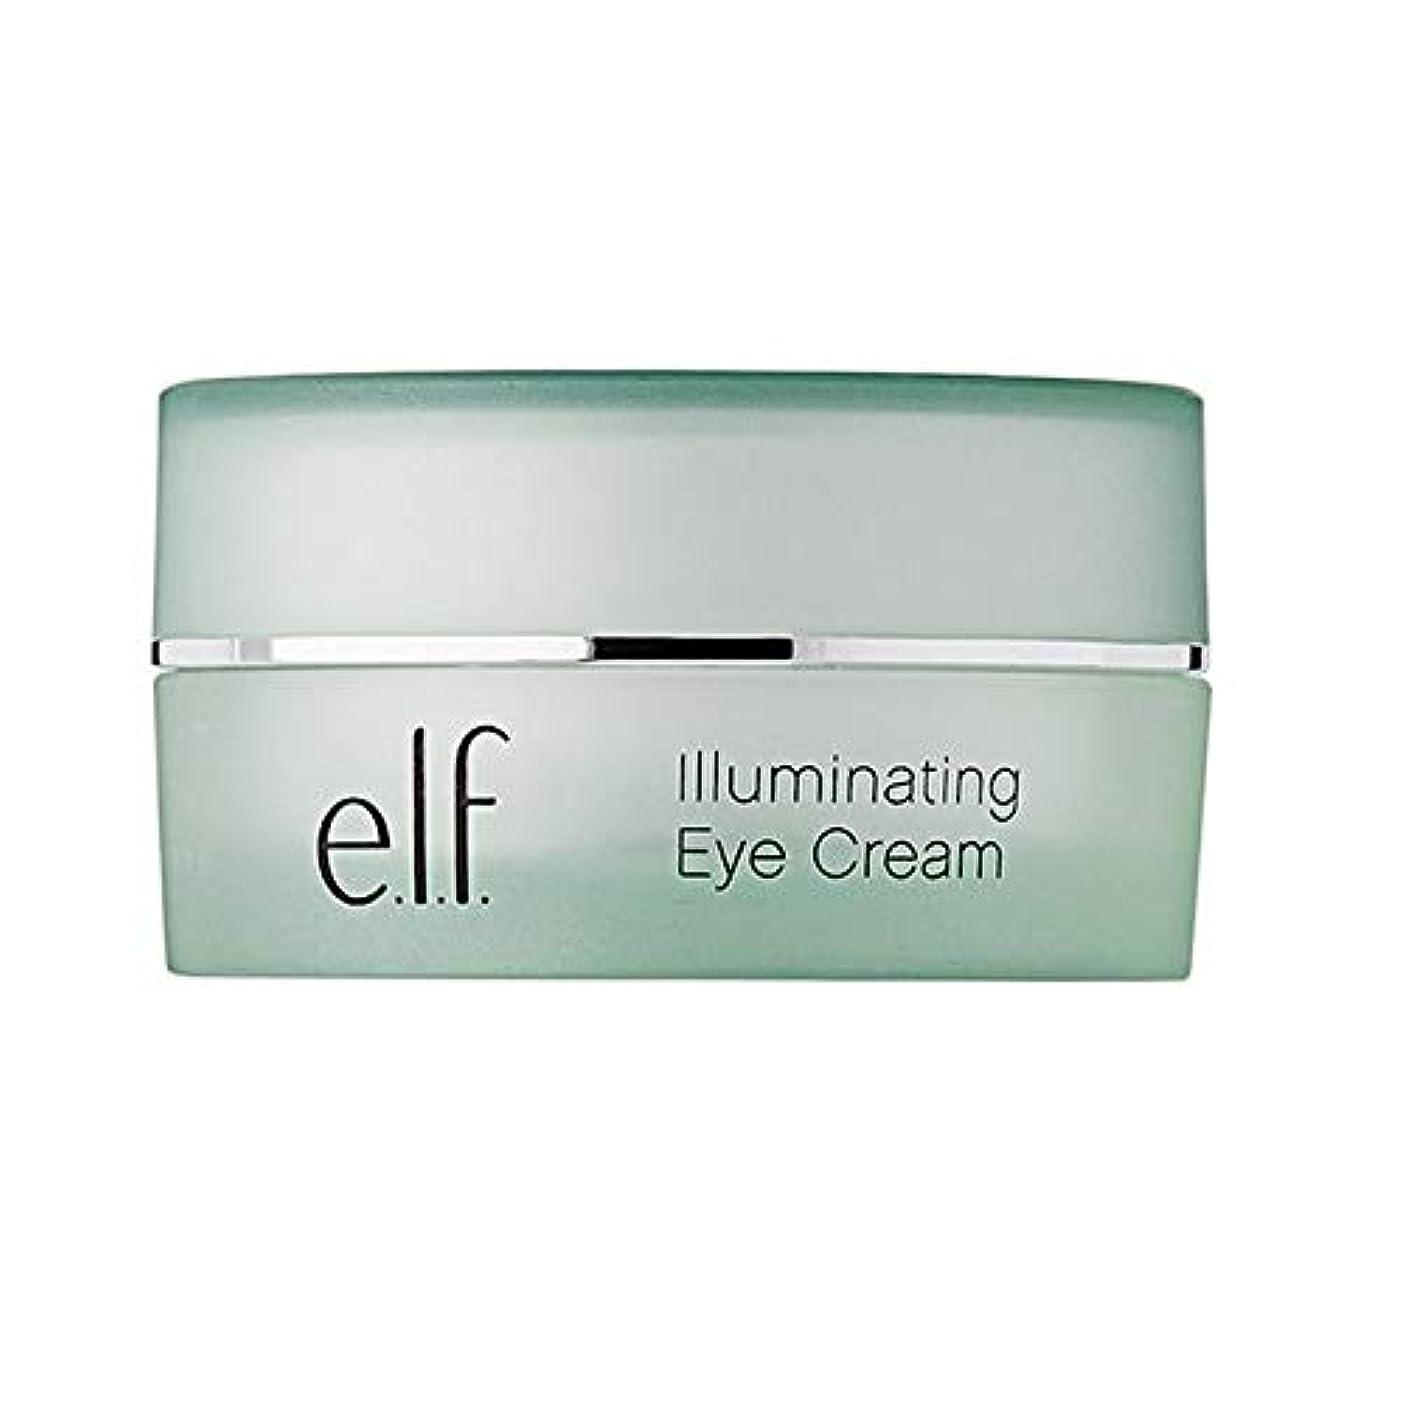 お香買い物に行くテンポ[Elf] エルフ。照明アイクリーム14グラム - e.l.f. Illuminating Eye Cream 14g [並行輸入品]